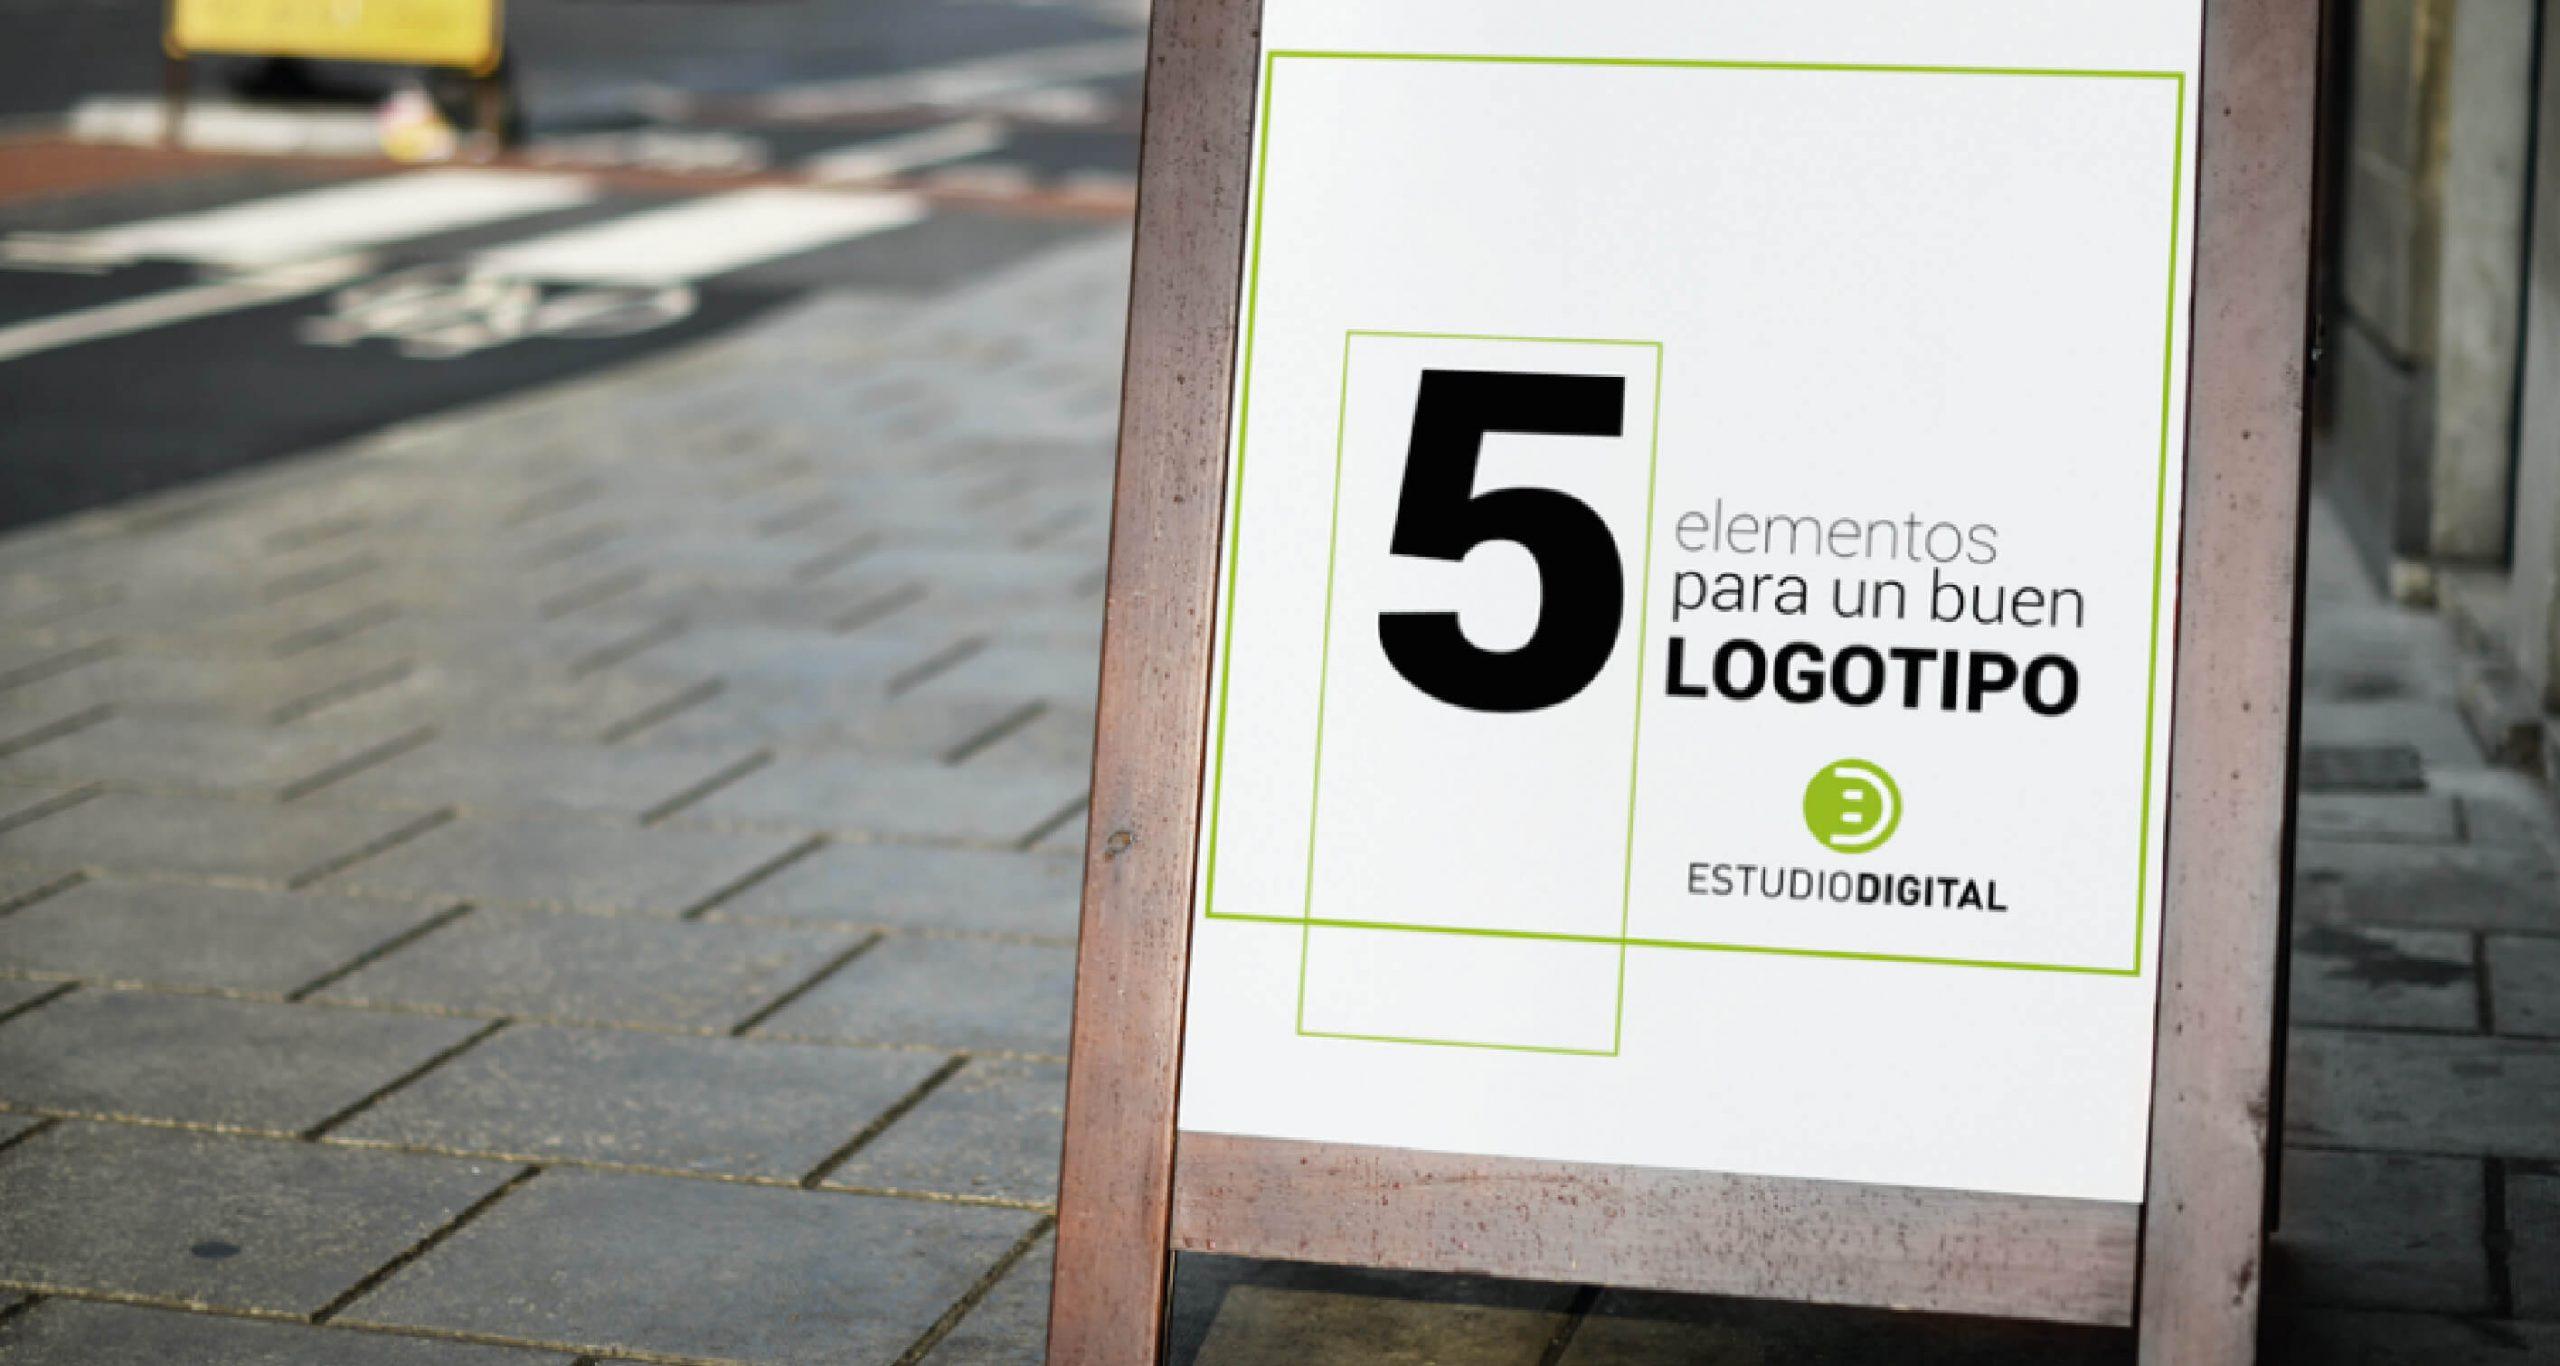 Los 5 elementos para un buen logotipo